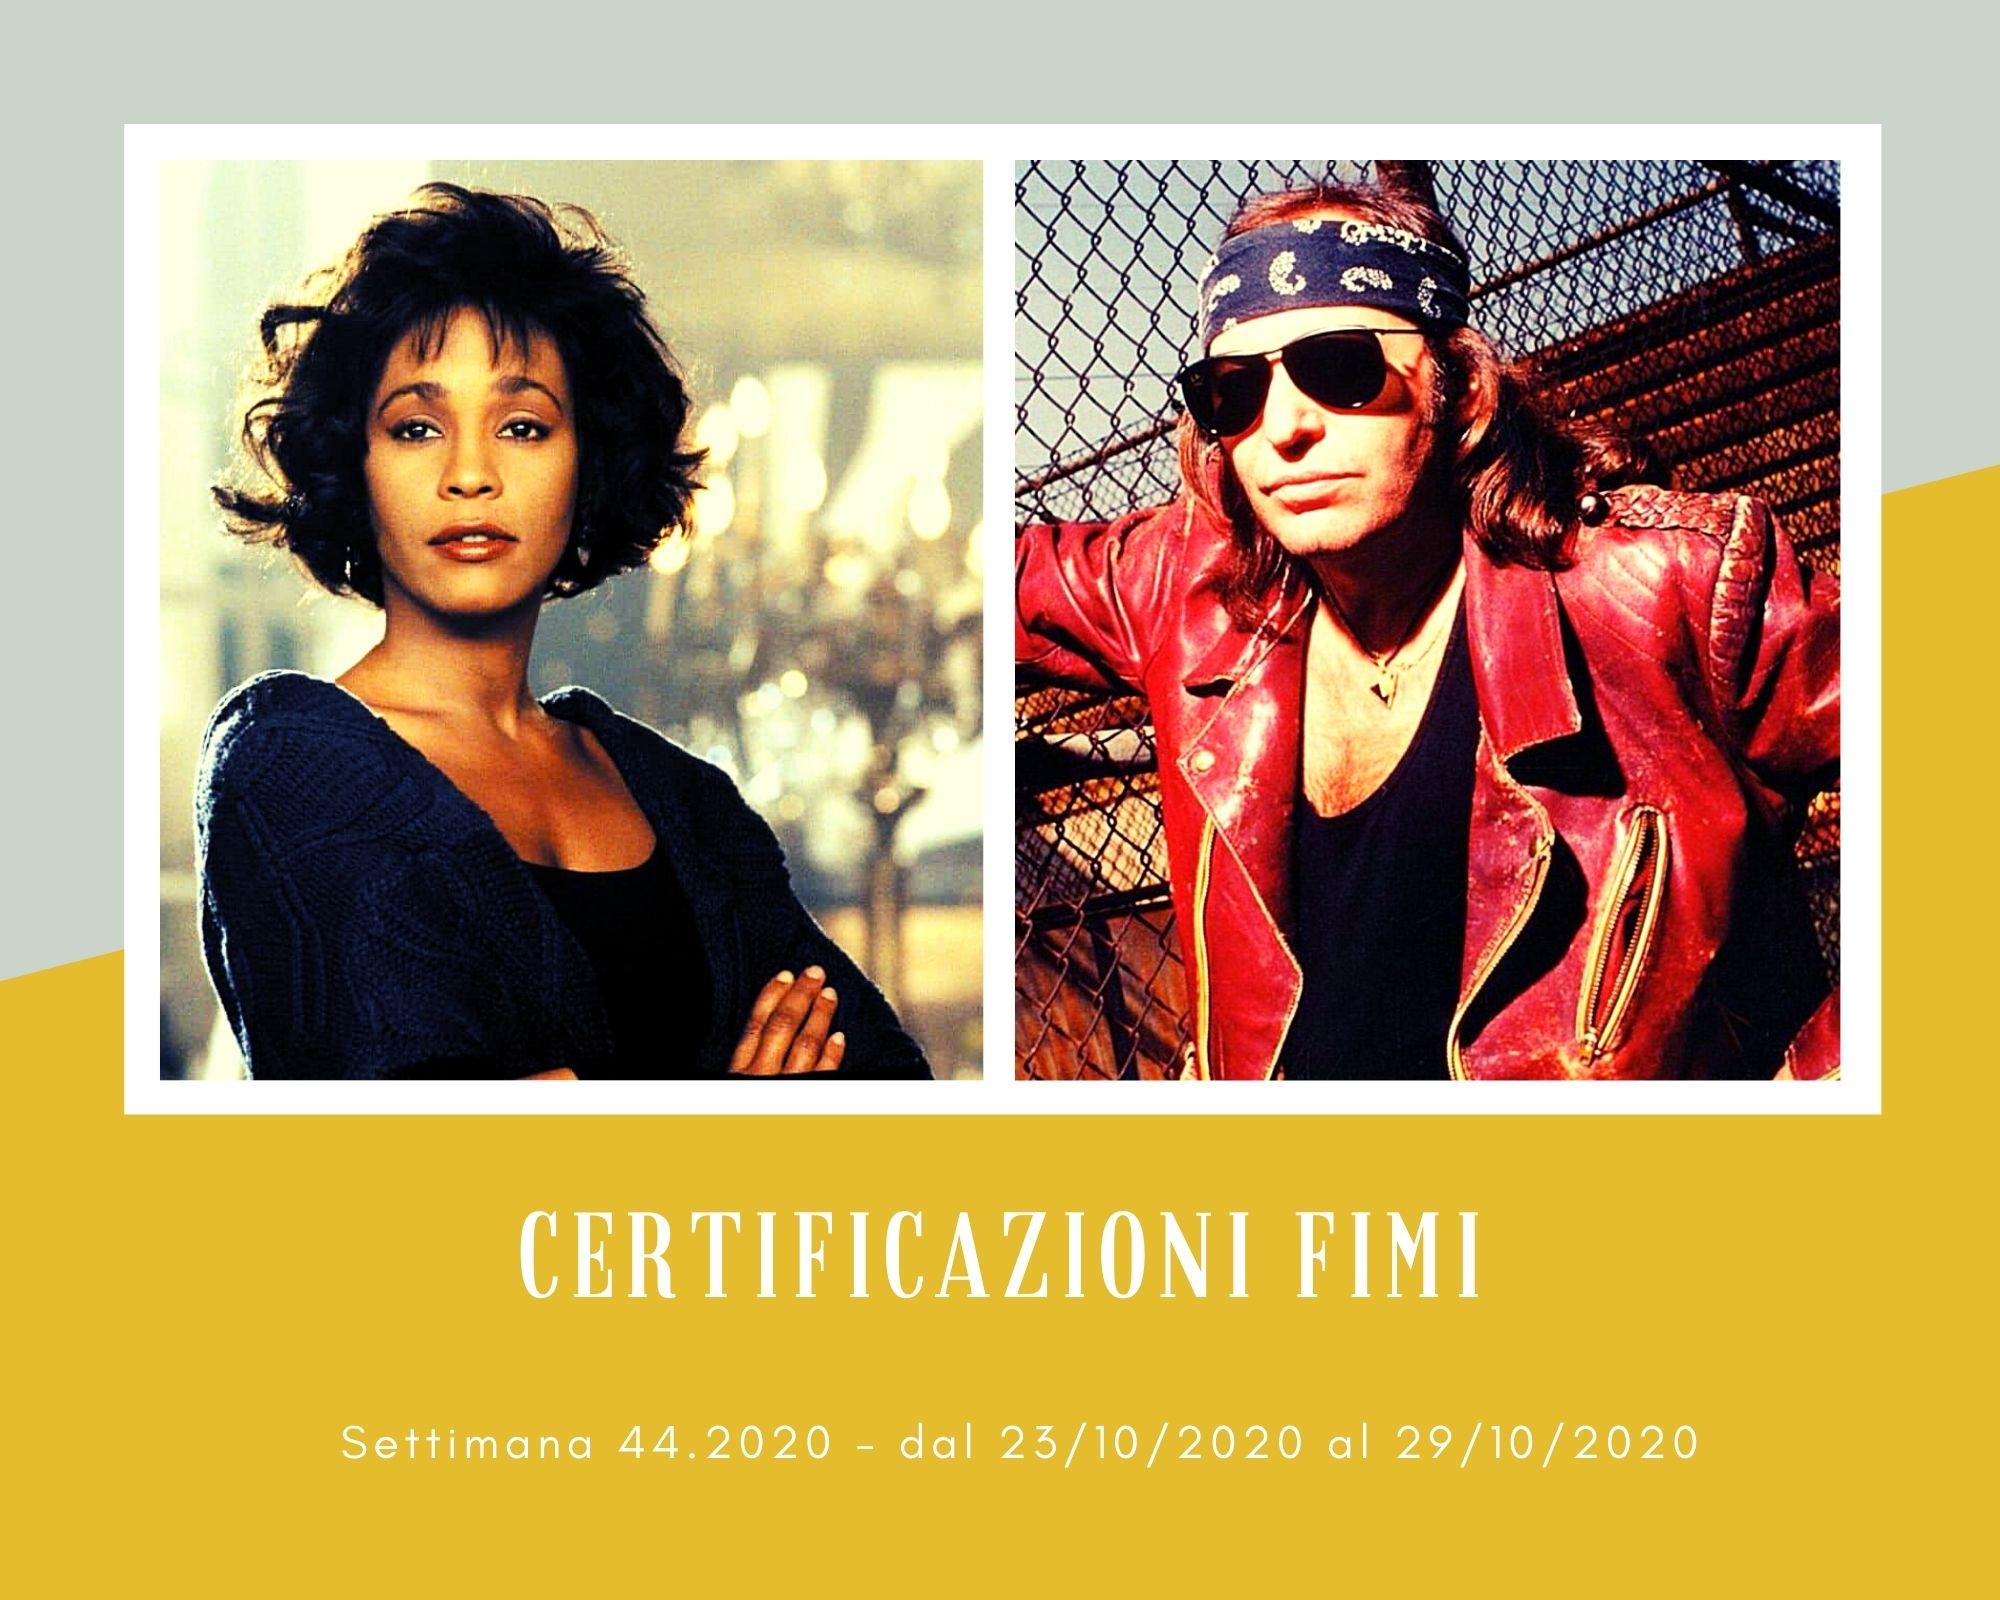 Certificazioni FIMI, week 44. La musica vintage di Whitney Houston e Vasco Rossi resiste alle mode